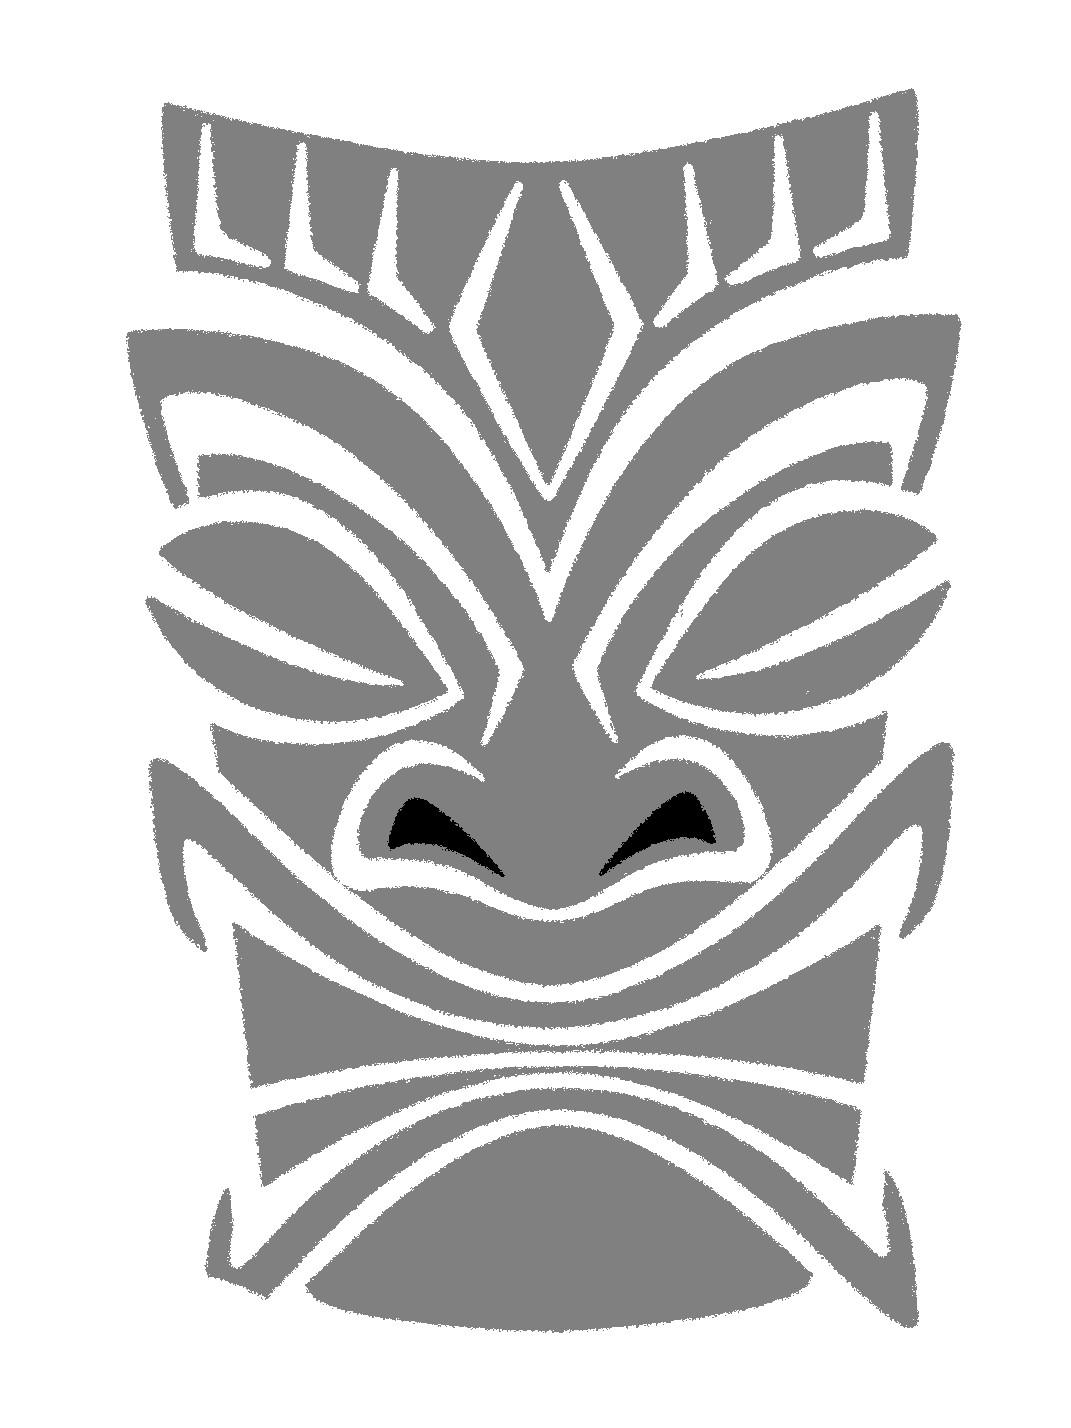 Tiki pattern by pumpkin crazy on deviantart